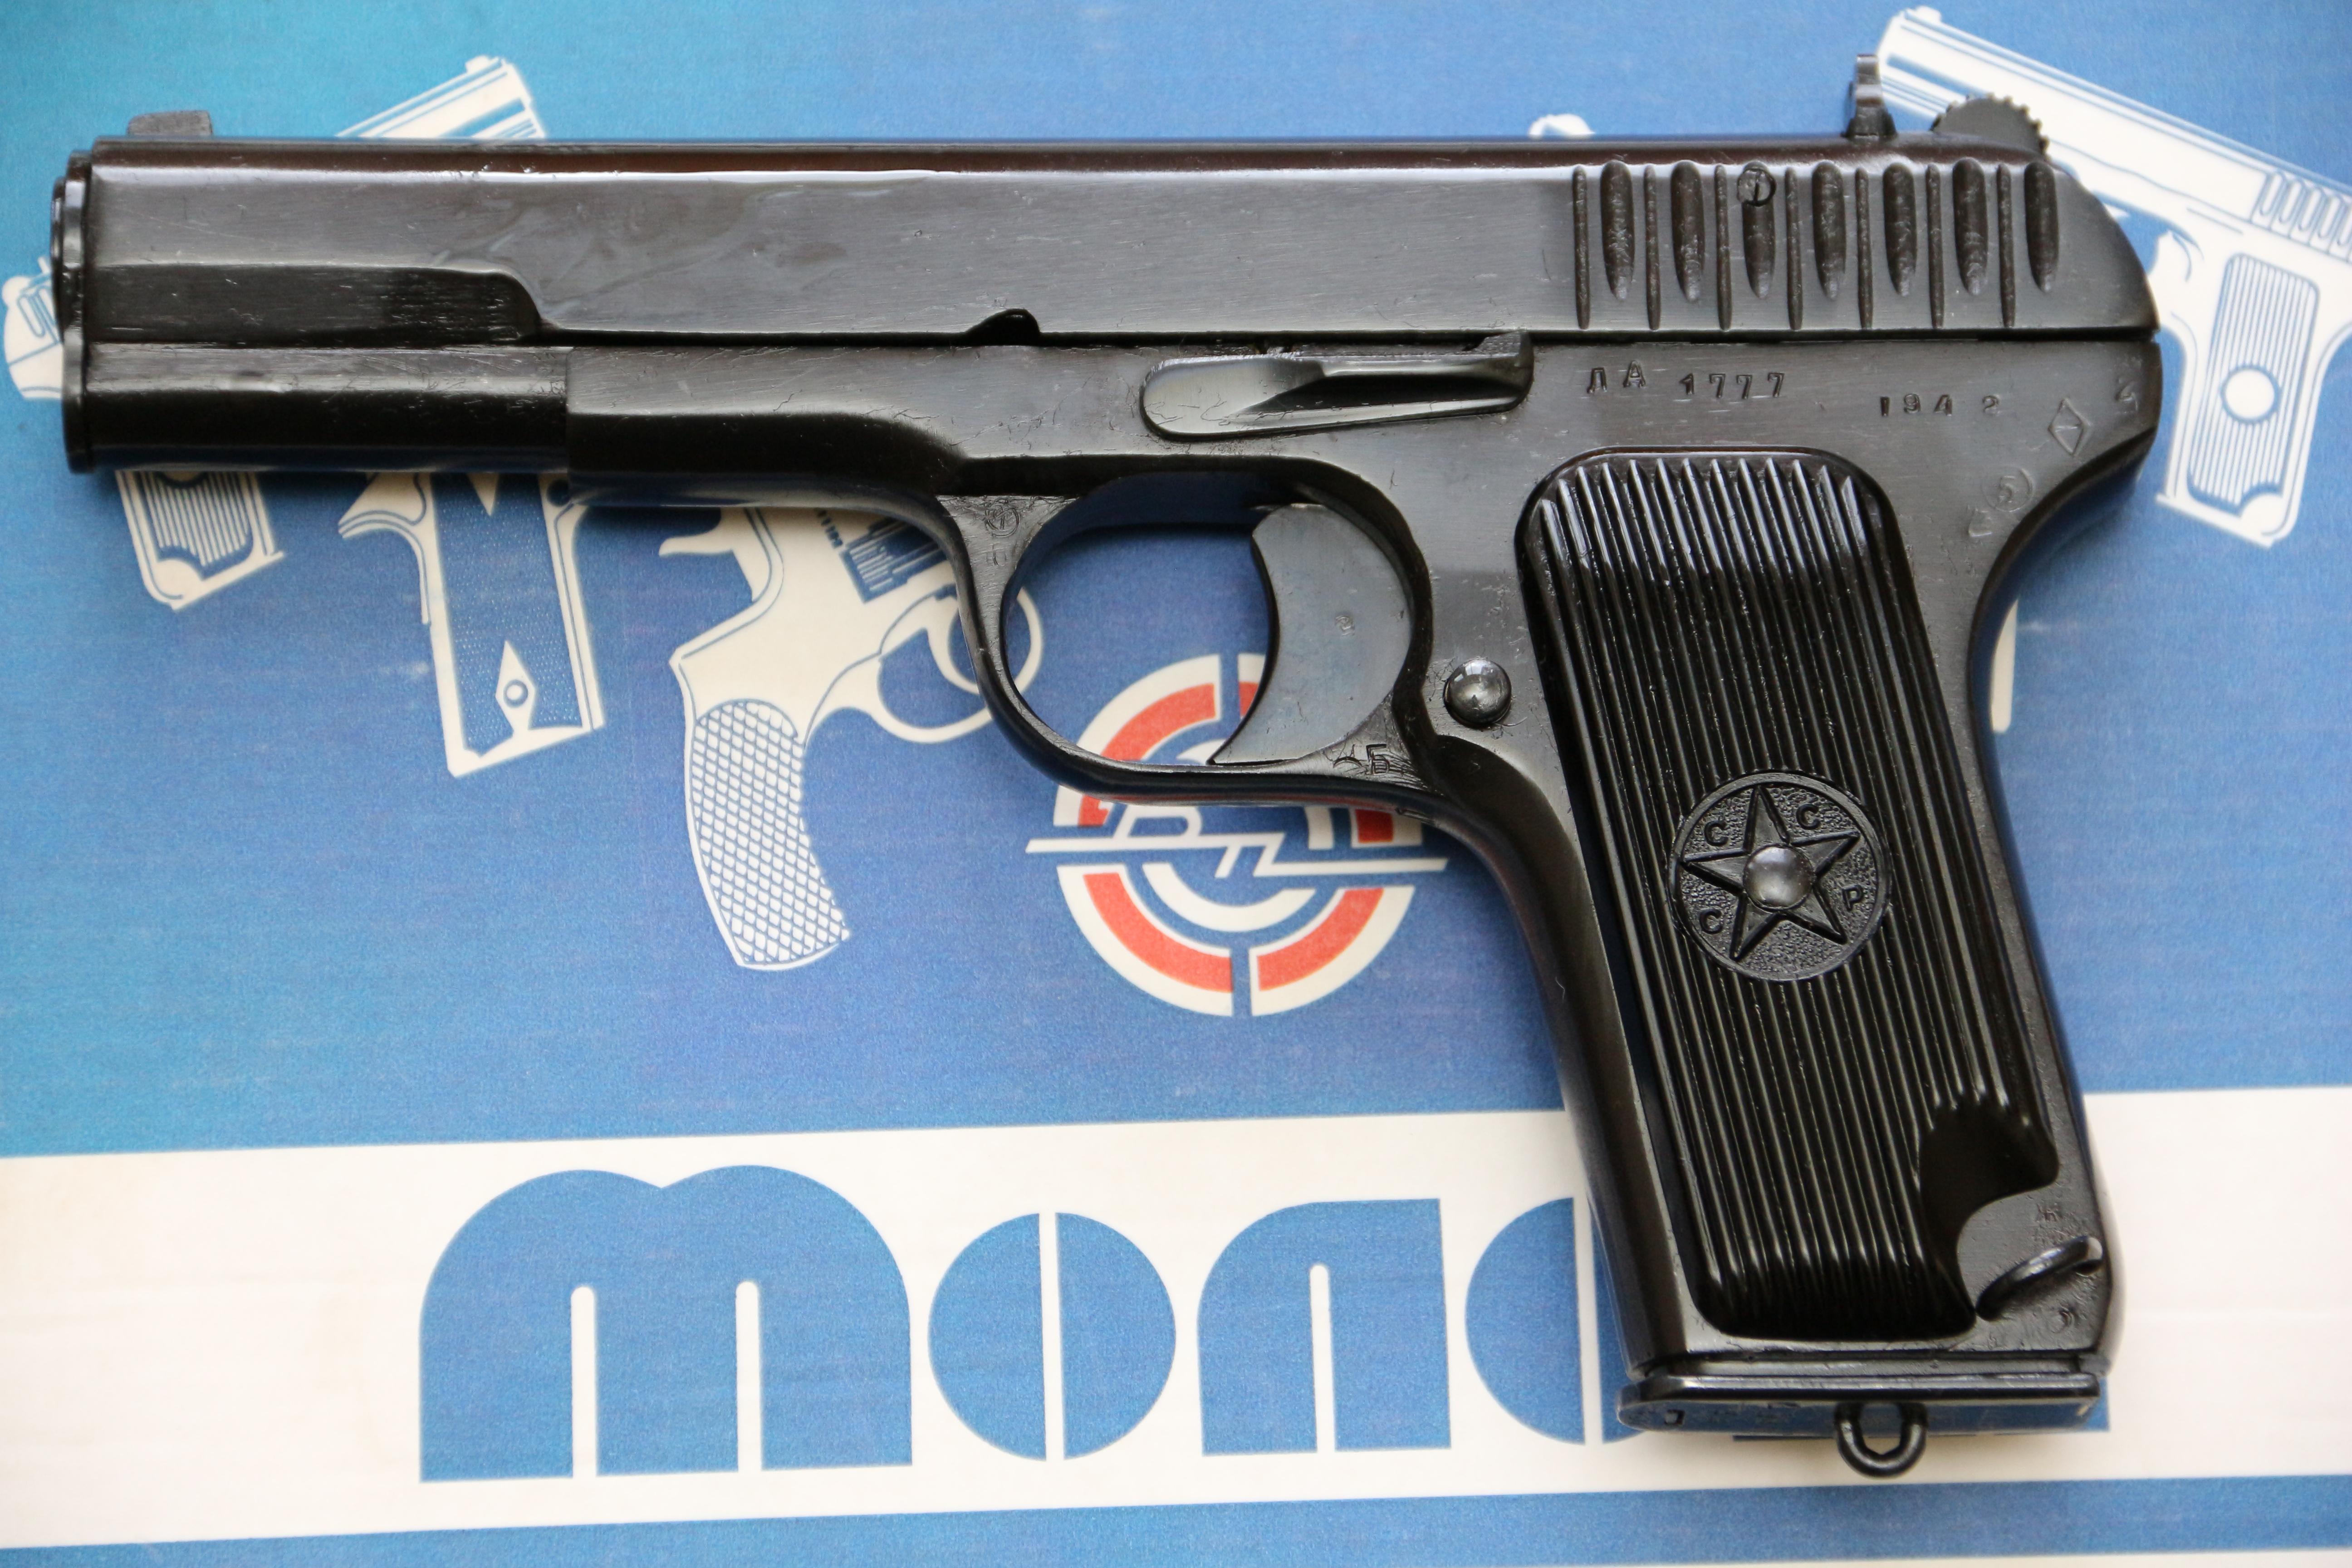 Сигнальный пистолет ТТ-С 1942 года №ЛА 1777